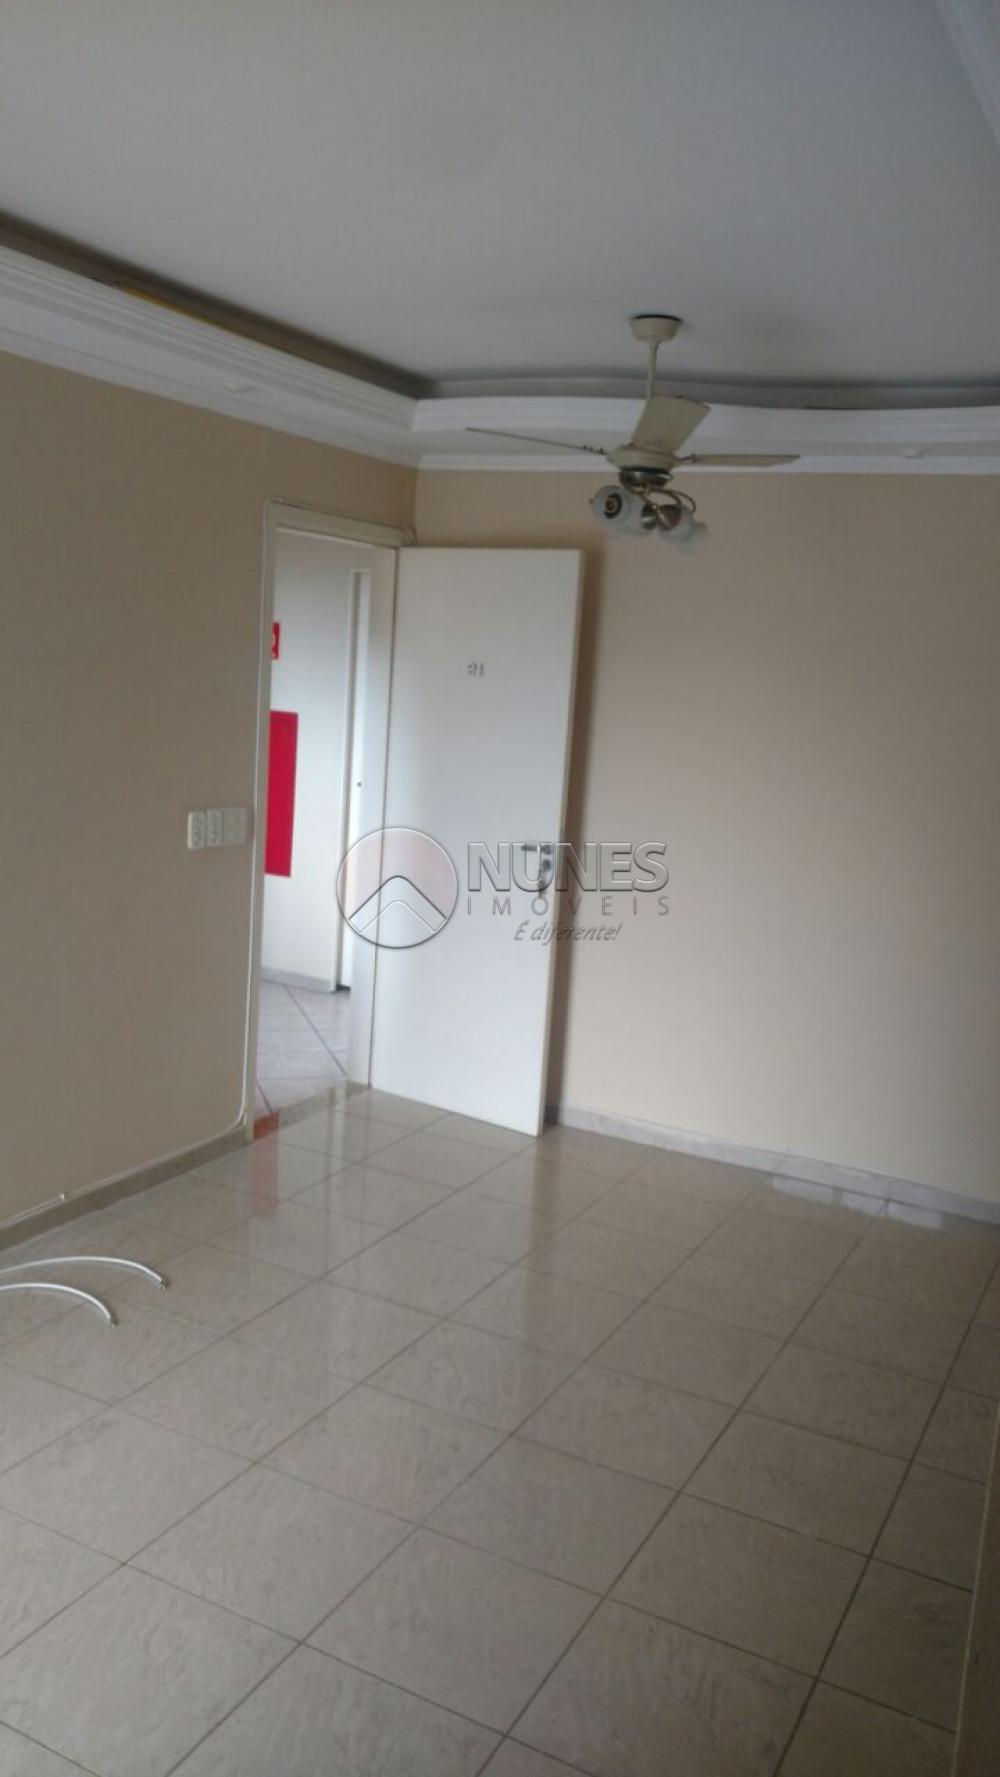 Alugar Apartamento / Padrão em Osasco R$ 900,00 - Foto 1